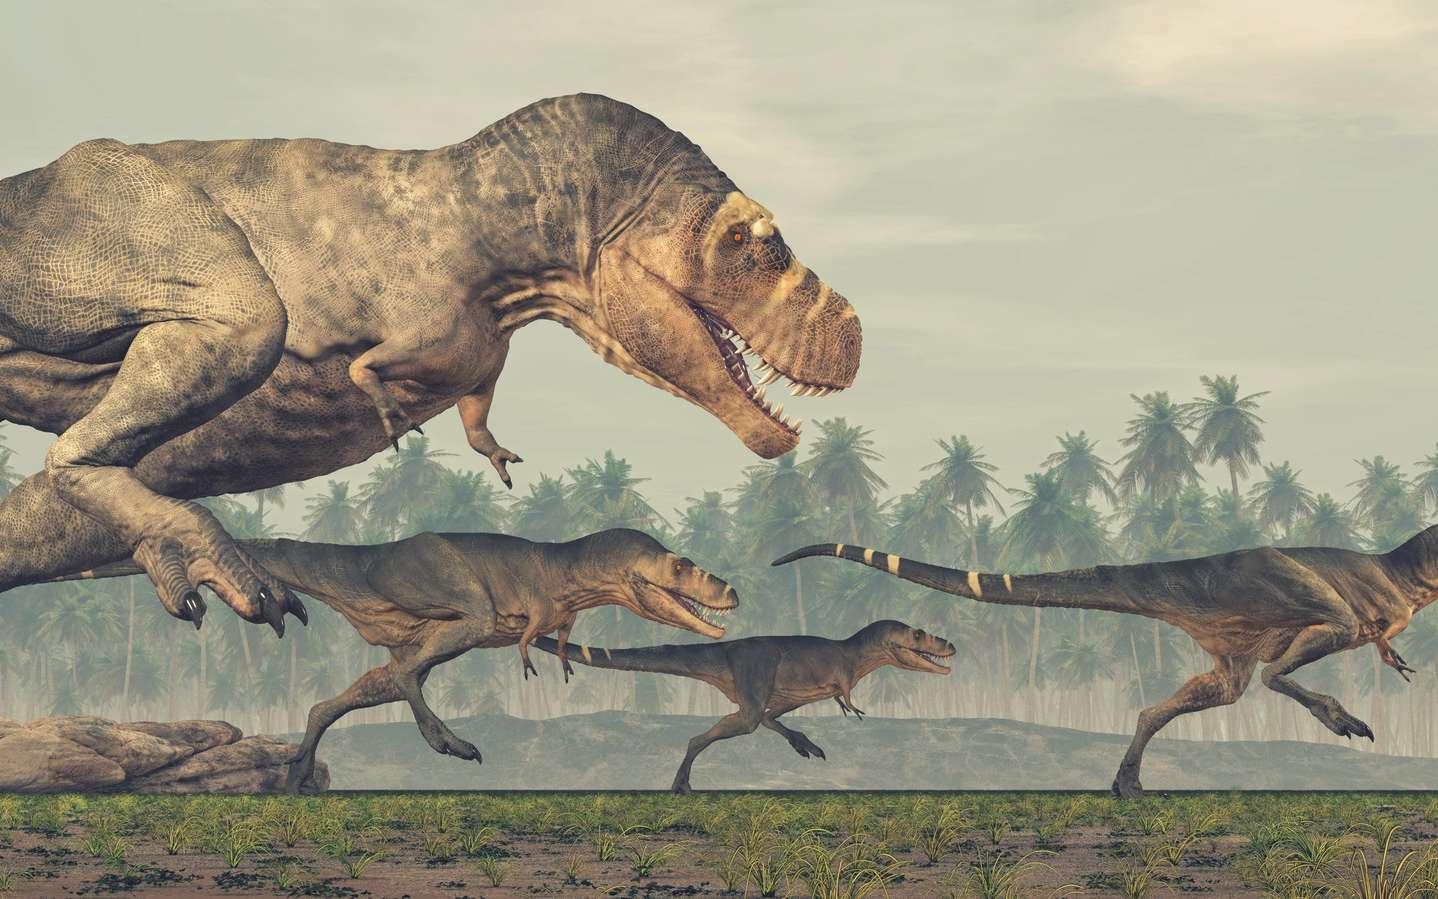 Des sites remarquables sur les dinosaures : il y en a en France ! © Orlando Florin Rosu, Fotolia